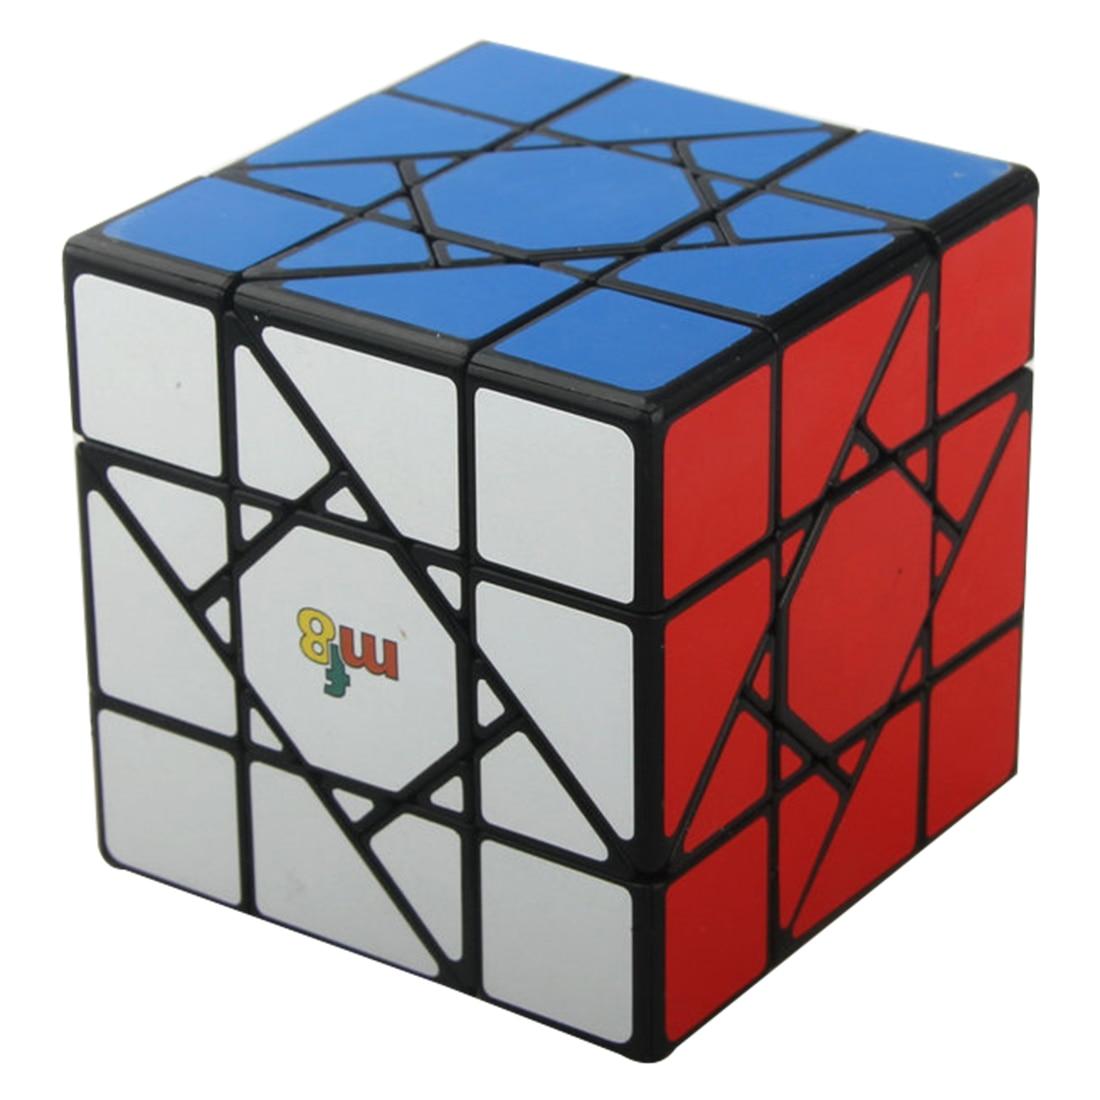 MF8 Sun Cube Legend 3x3x3 Cube magique casse-tête Puzzle jouet (bandé)-noir-base